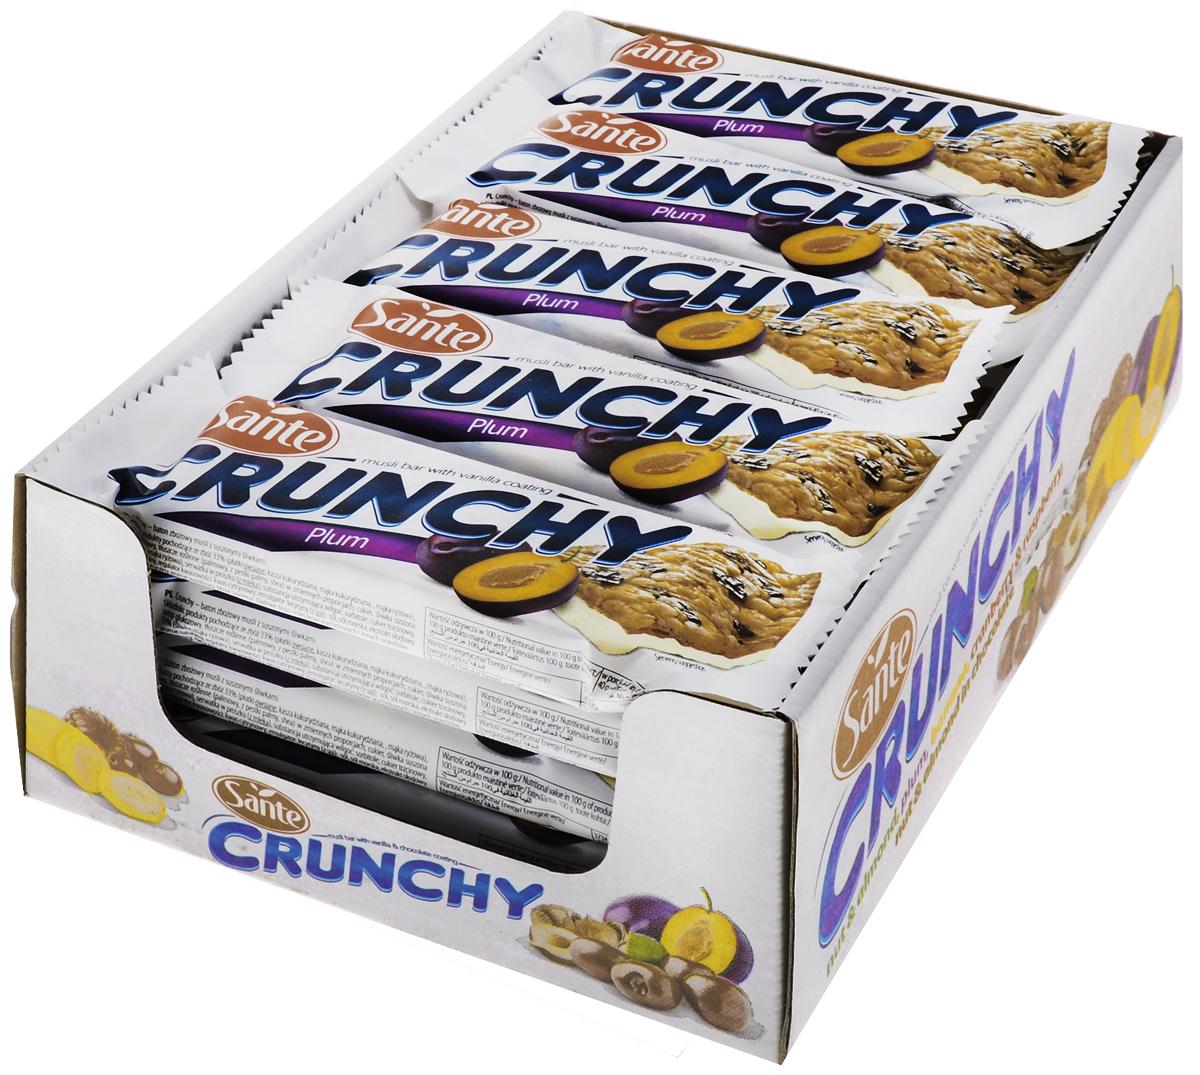 Sante Crunchy батончик мюсли со сливой в ванильной глазури, 40 г (25 шт)